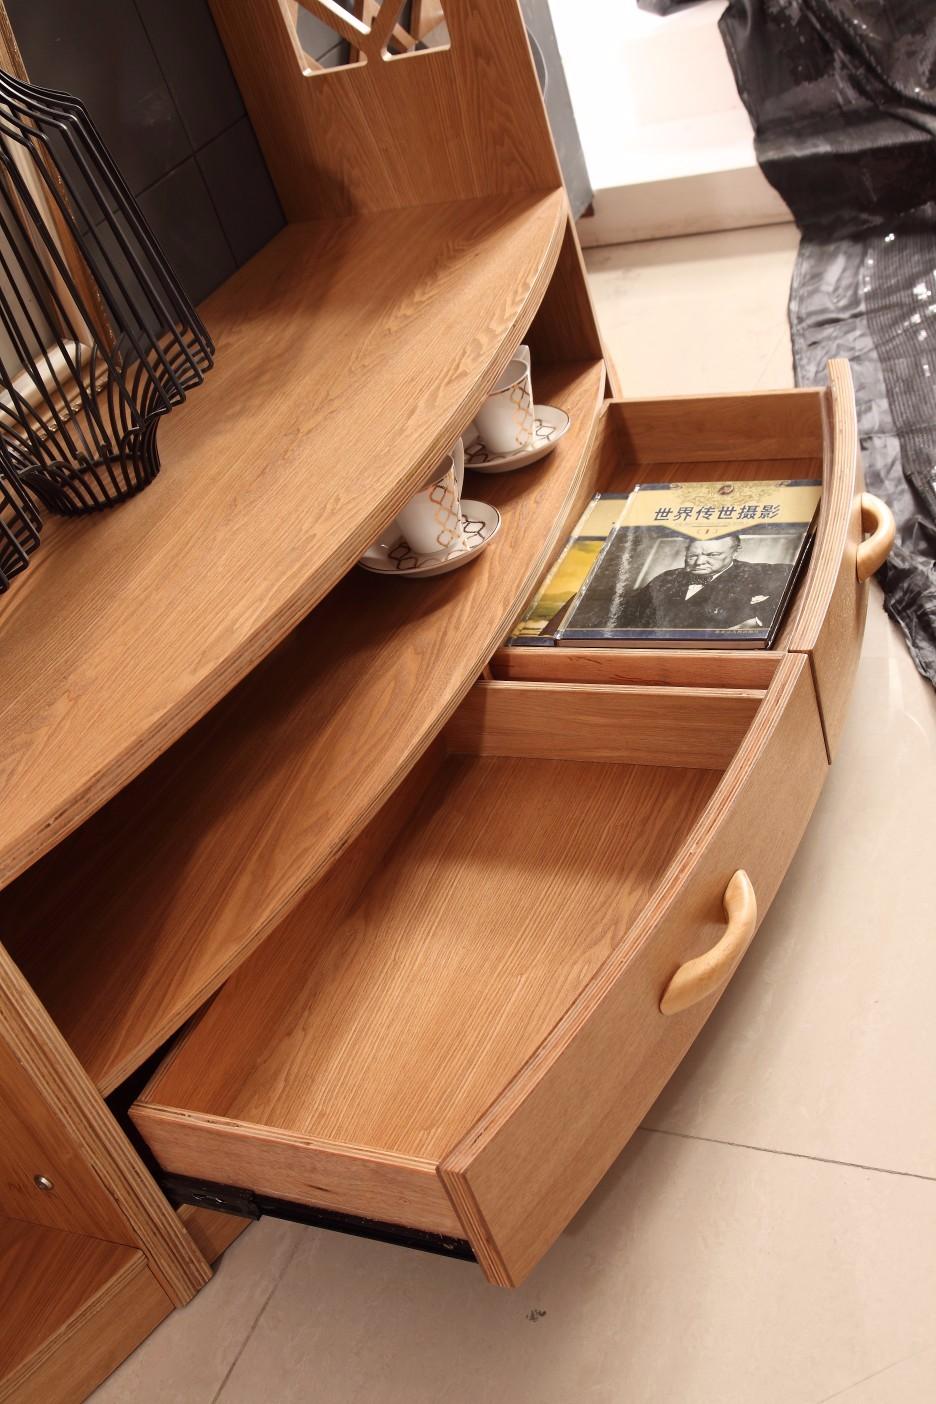 Meubles hobby lobby contreplaqu meuble tv et tv cabinet for Conception meubles